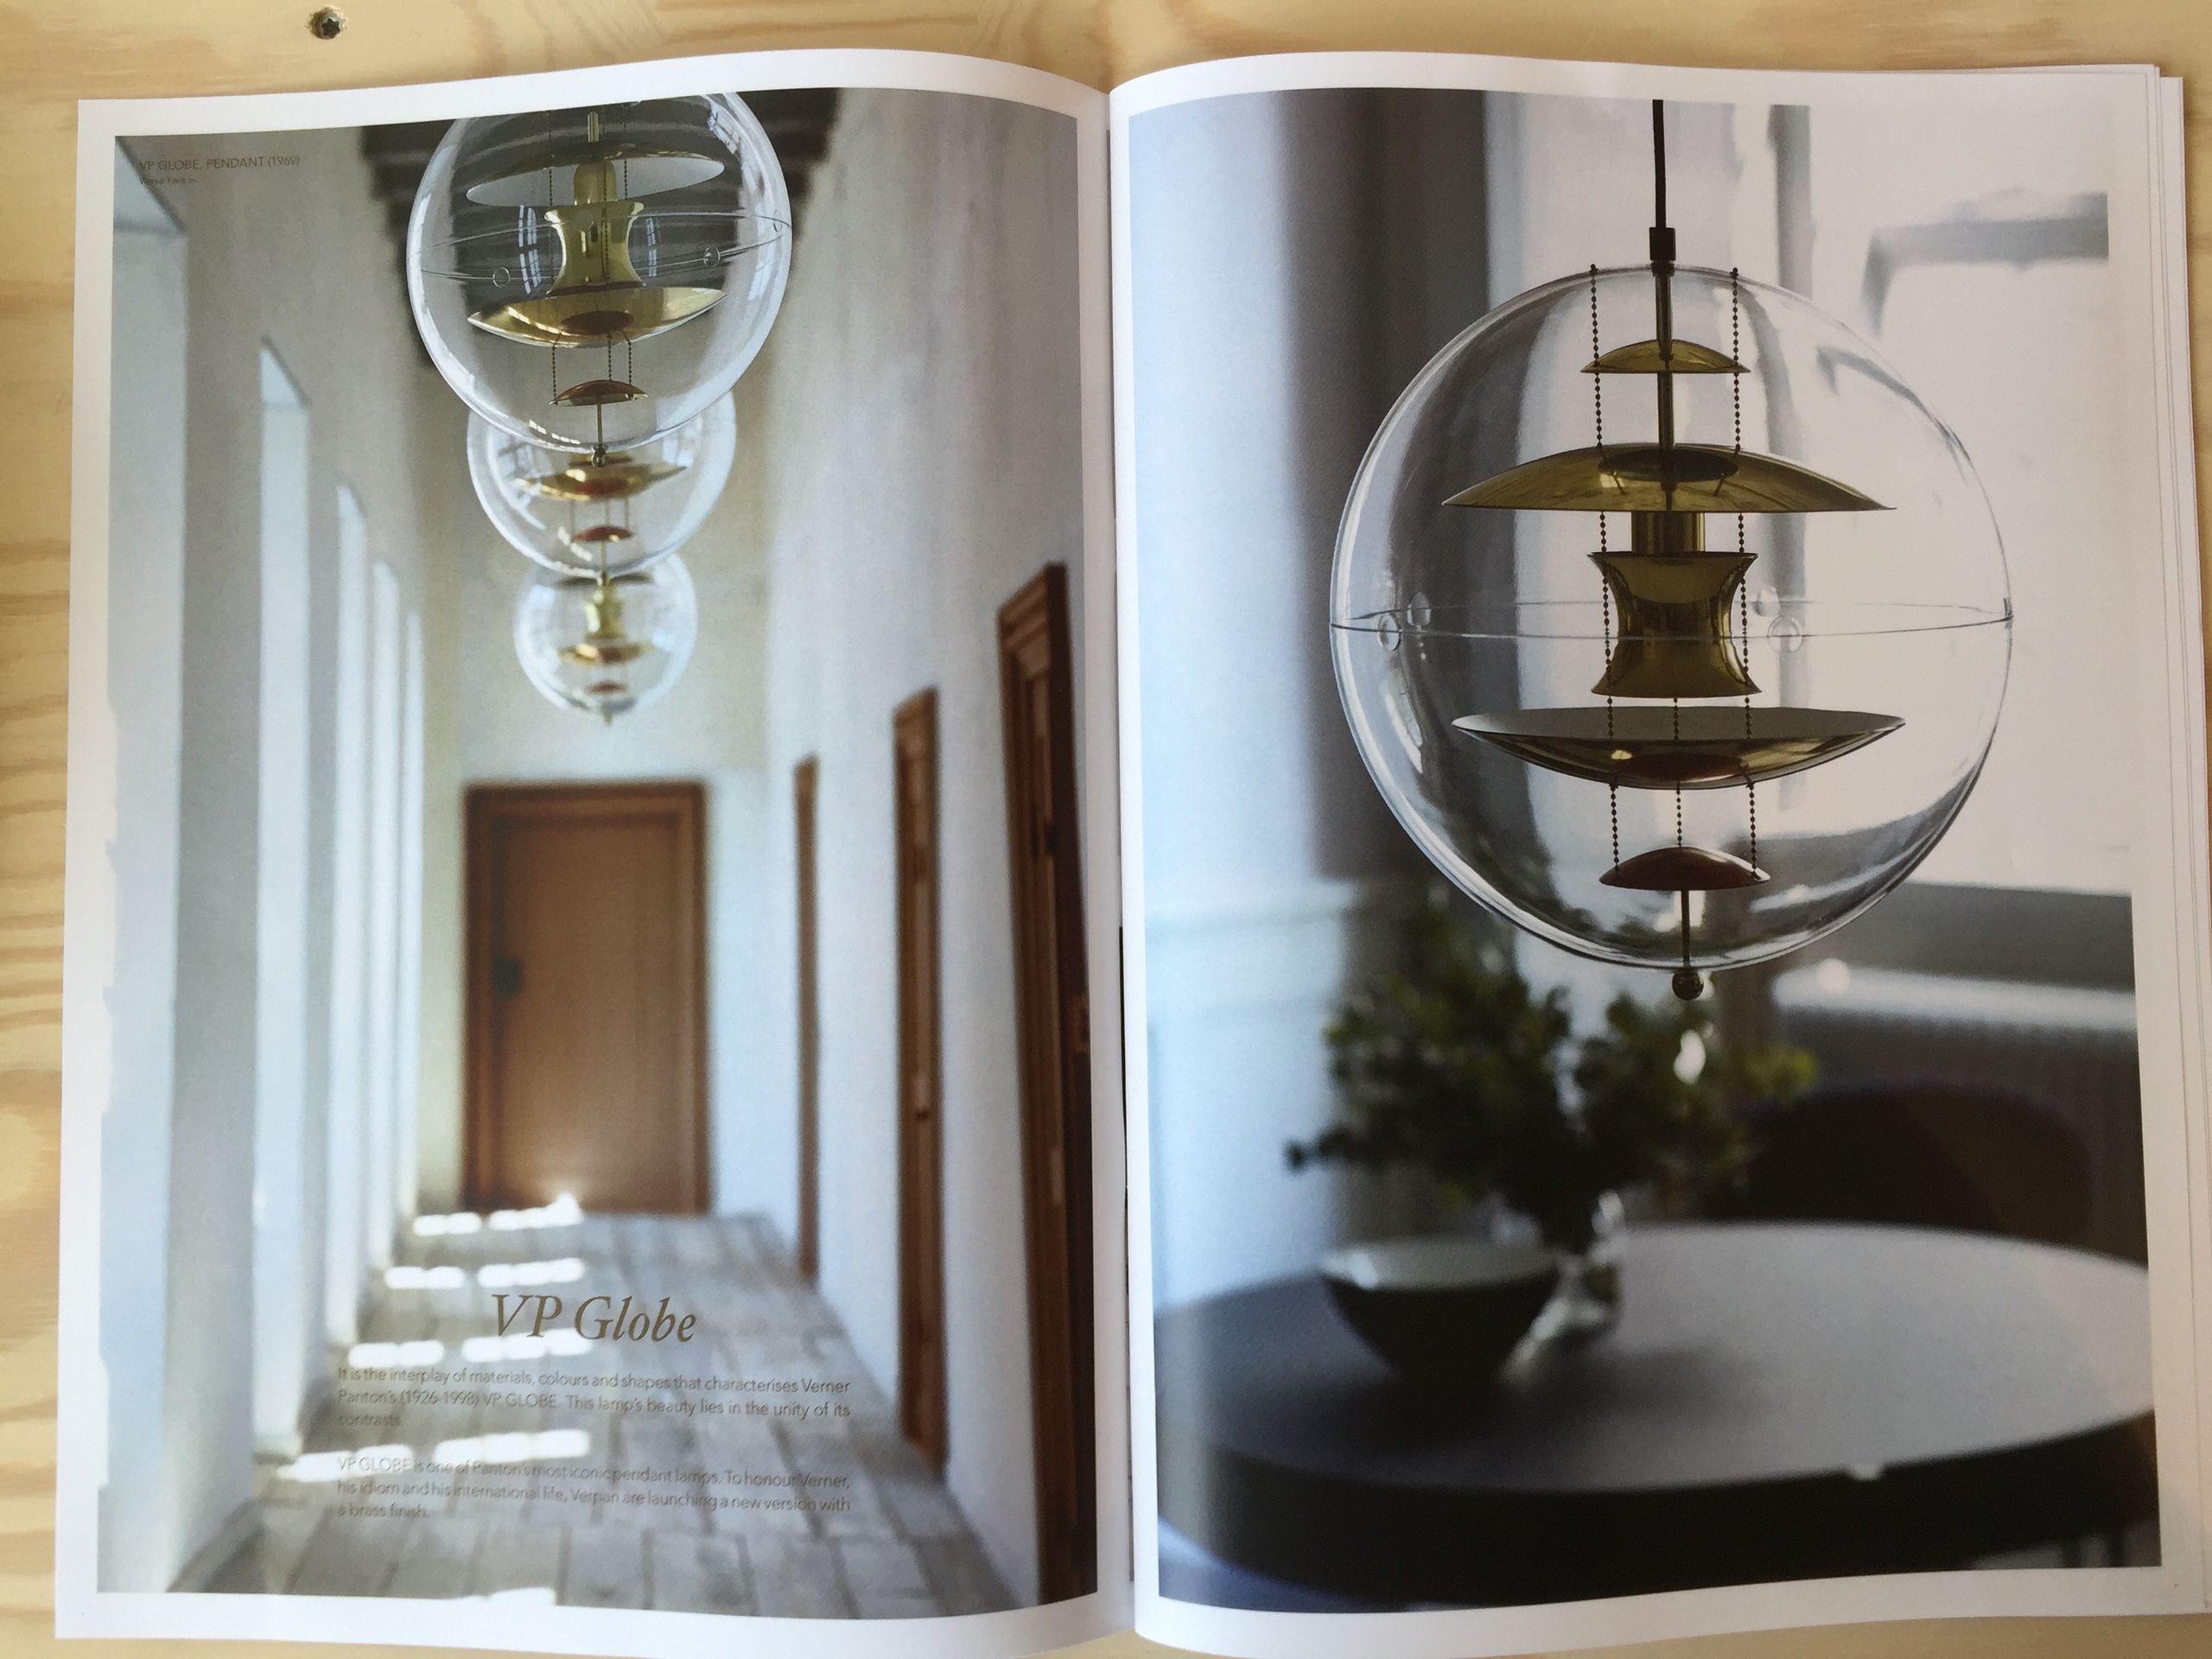 verner panton globe af verpan jubil umsmodel. Black Bedroom Furniture Sets. Home Design Ideas